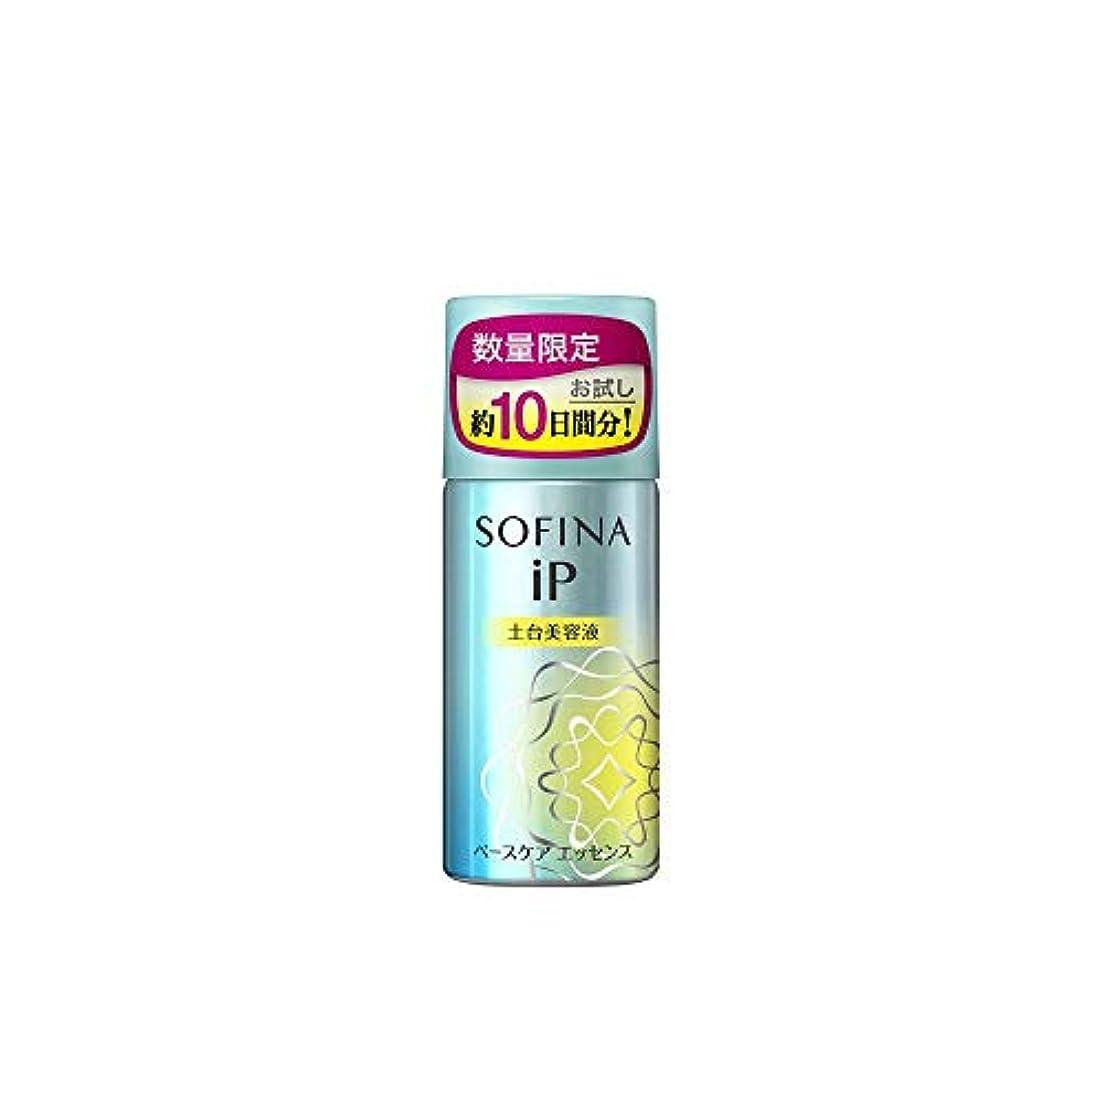 そして問い合わせ口述するソフィーナ iP(アイピー) ベースケア エッセンス 30g 土台美容液